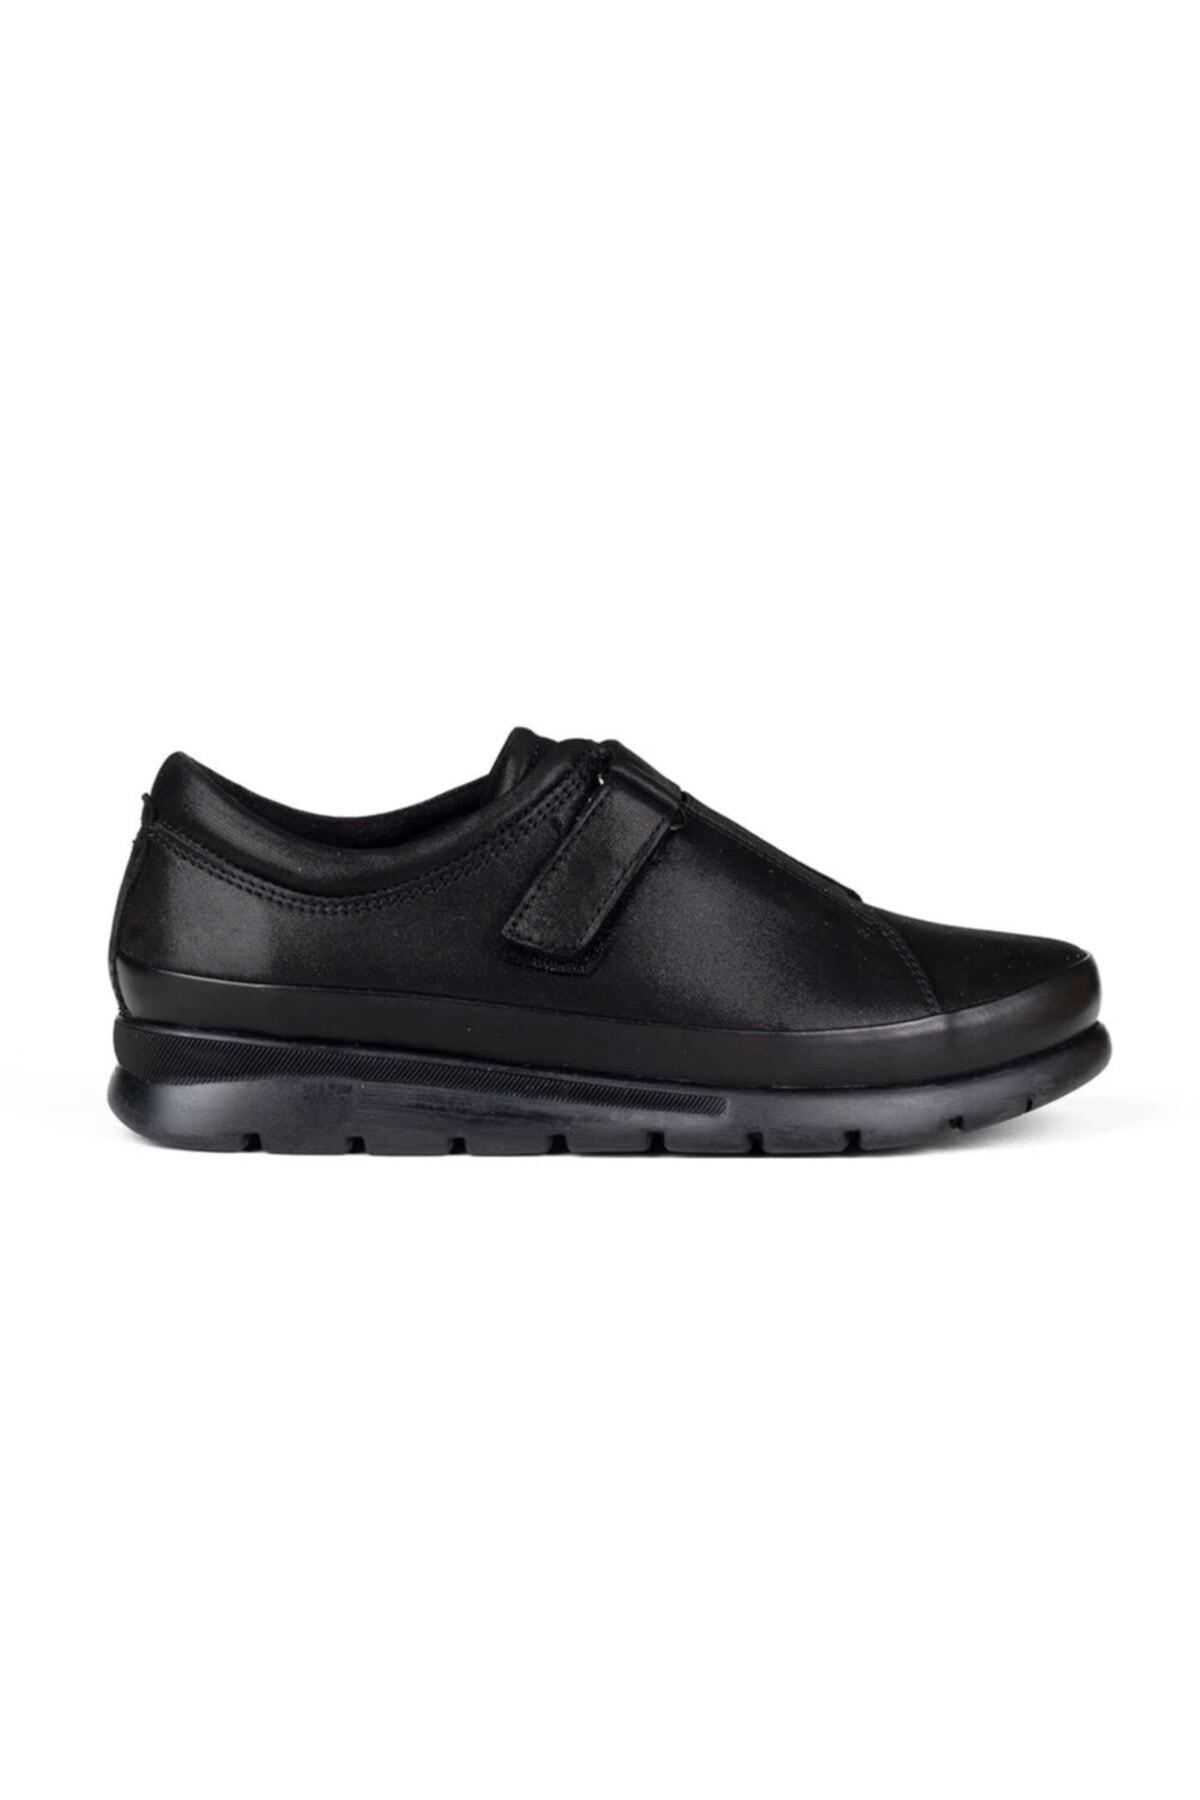 Greyder Kadın Siyah Zn Comfort Ayakkabı (k) 28930 1